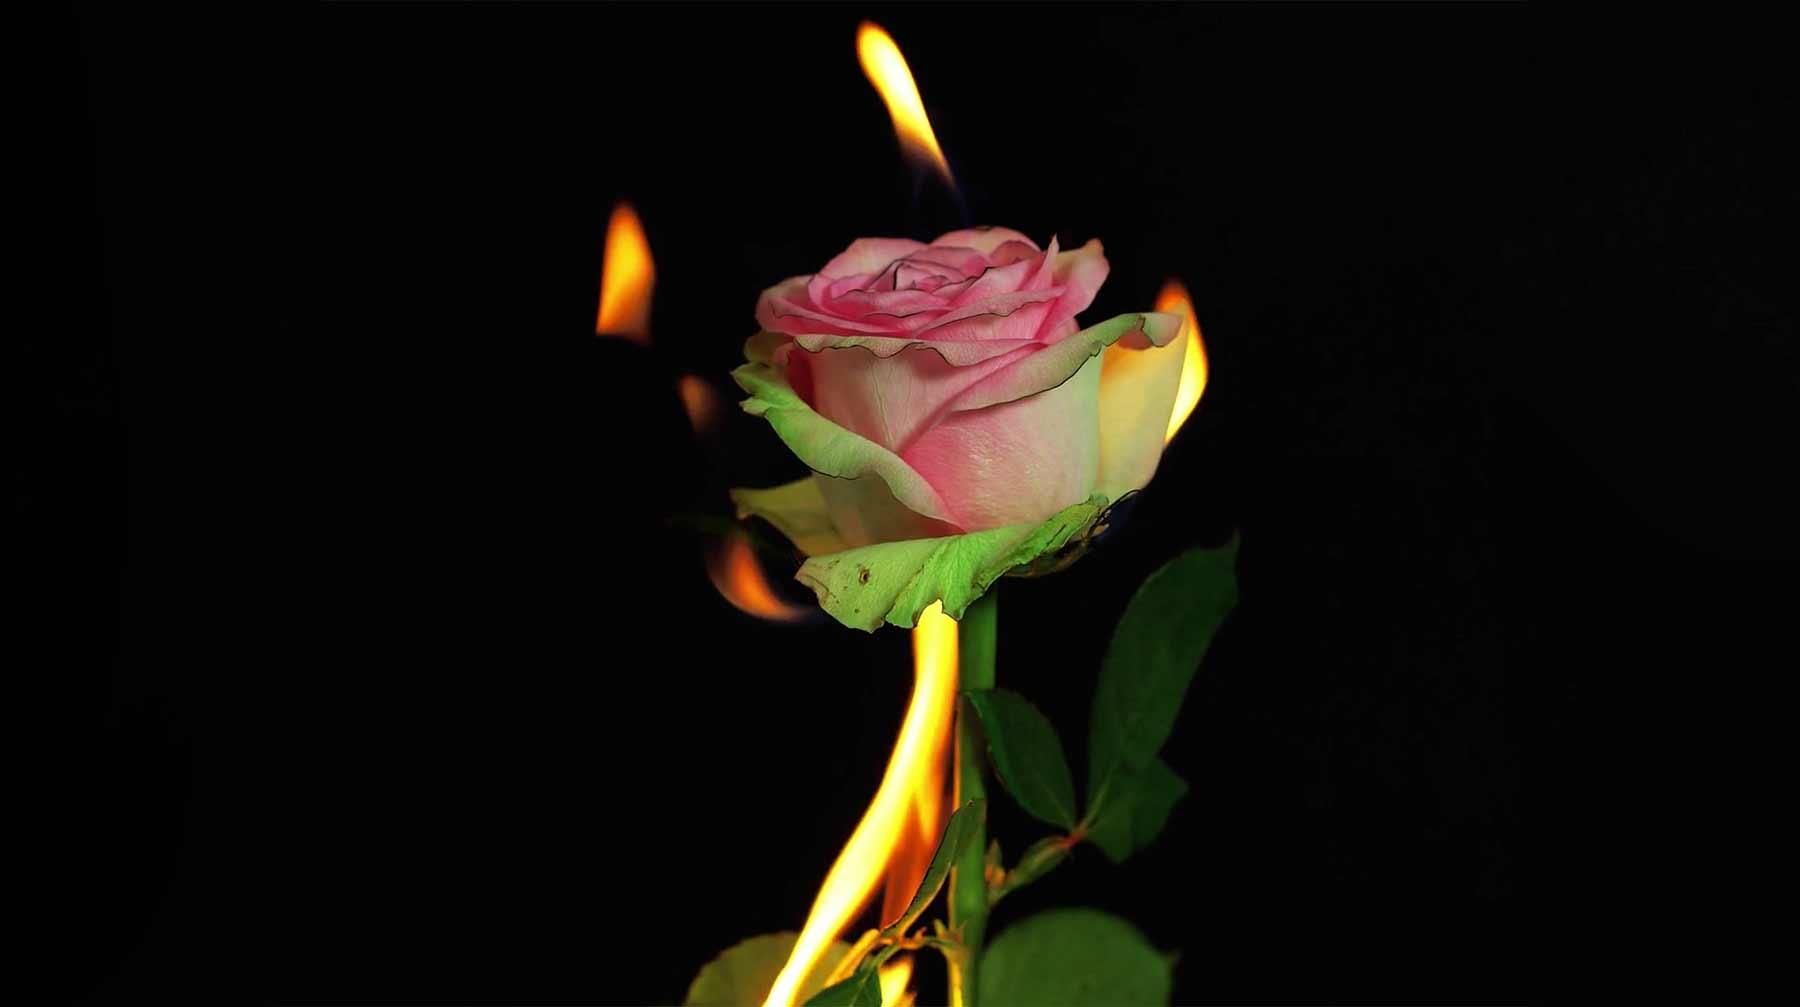 Blumen, die im Rückwärts-Zeitraffer brennen und gefrieren